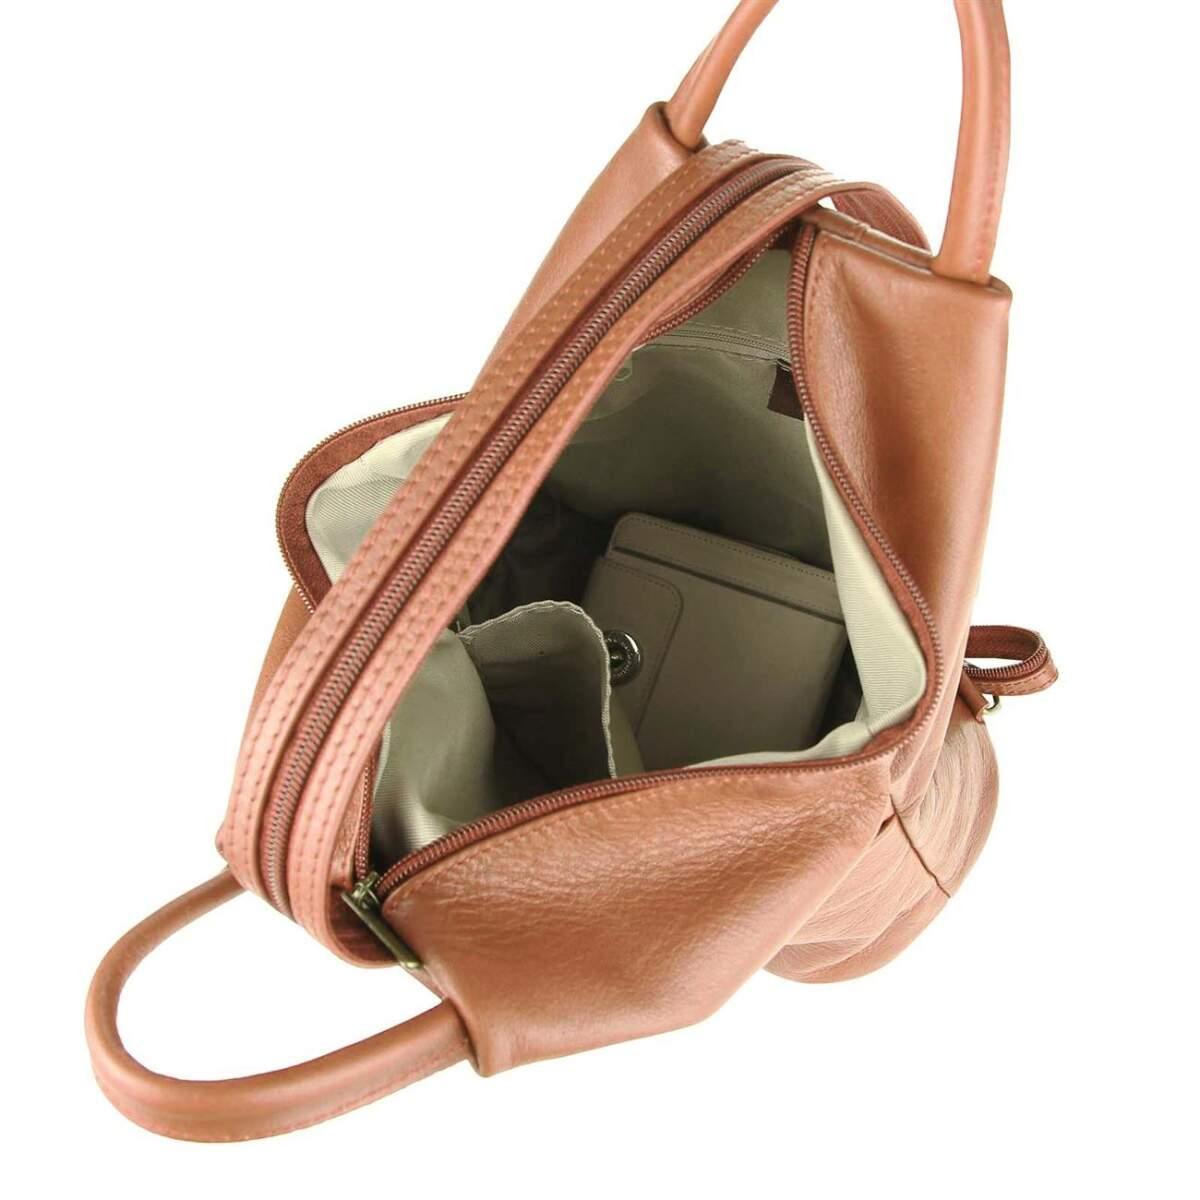 lederrucksack damen rucksack damen leder handtasche nieten damen leder rucksack anfissa damen. Black Bedroom Furniture Sets. Home Design Ideas